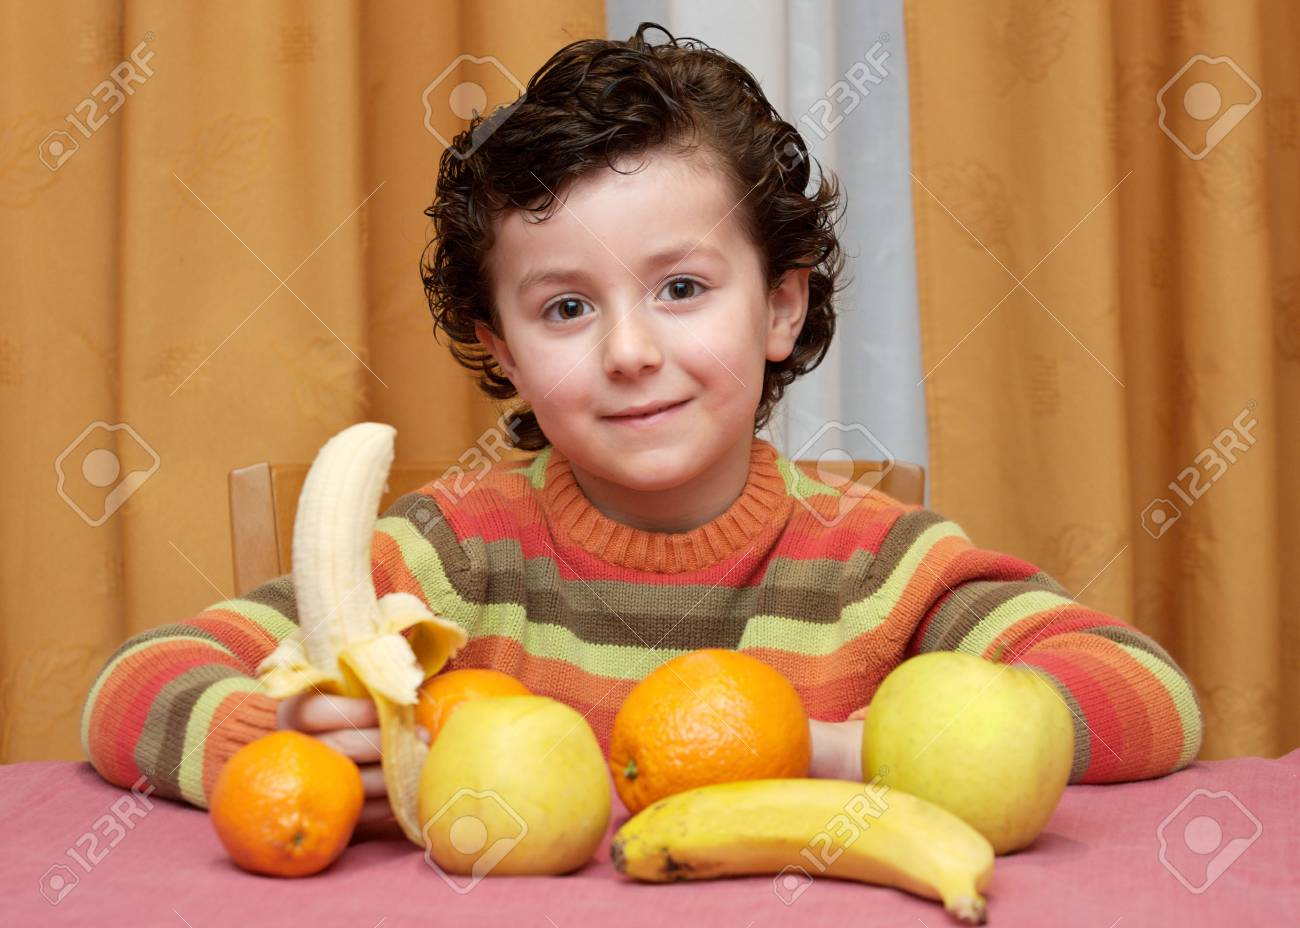 Adorable niño comiendo fruta - centrarse en la cara --  Foto de archivo - 2470134